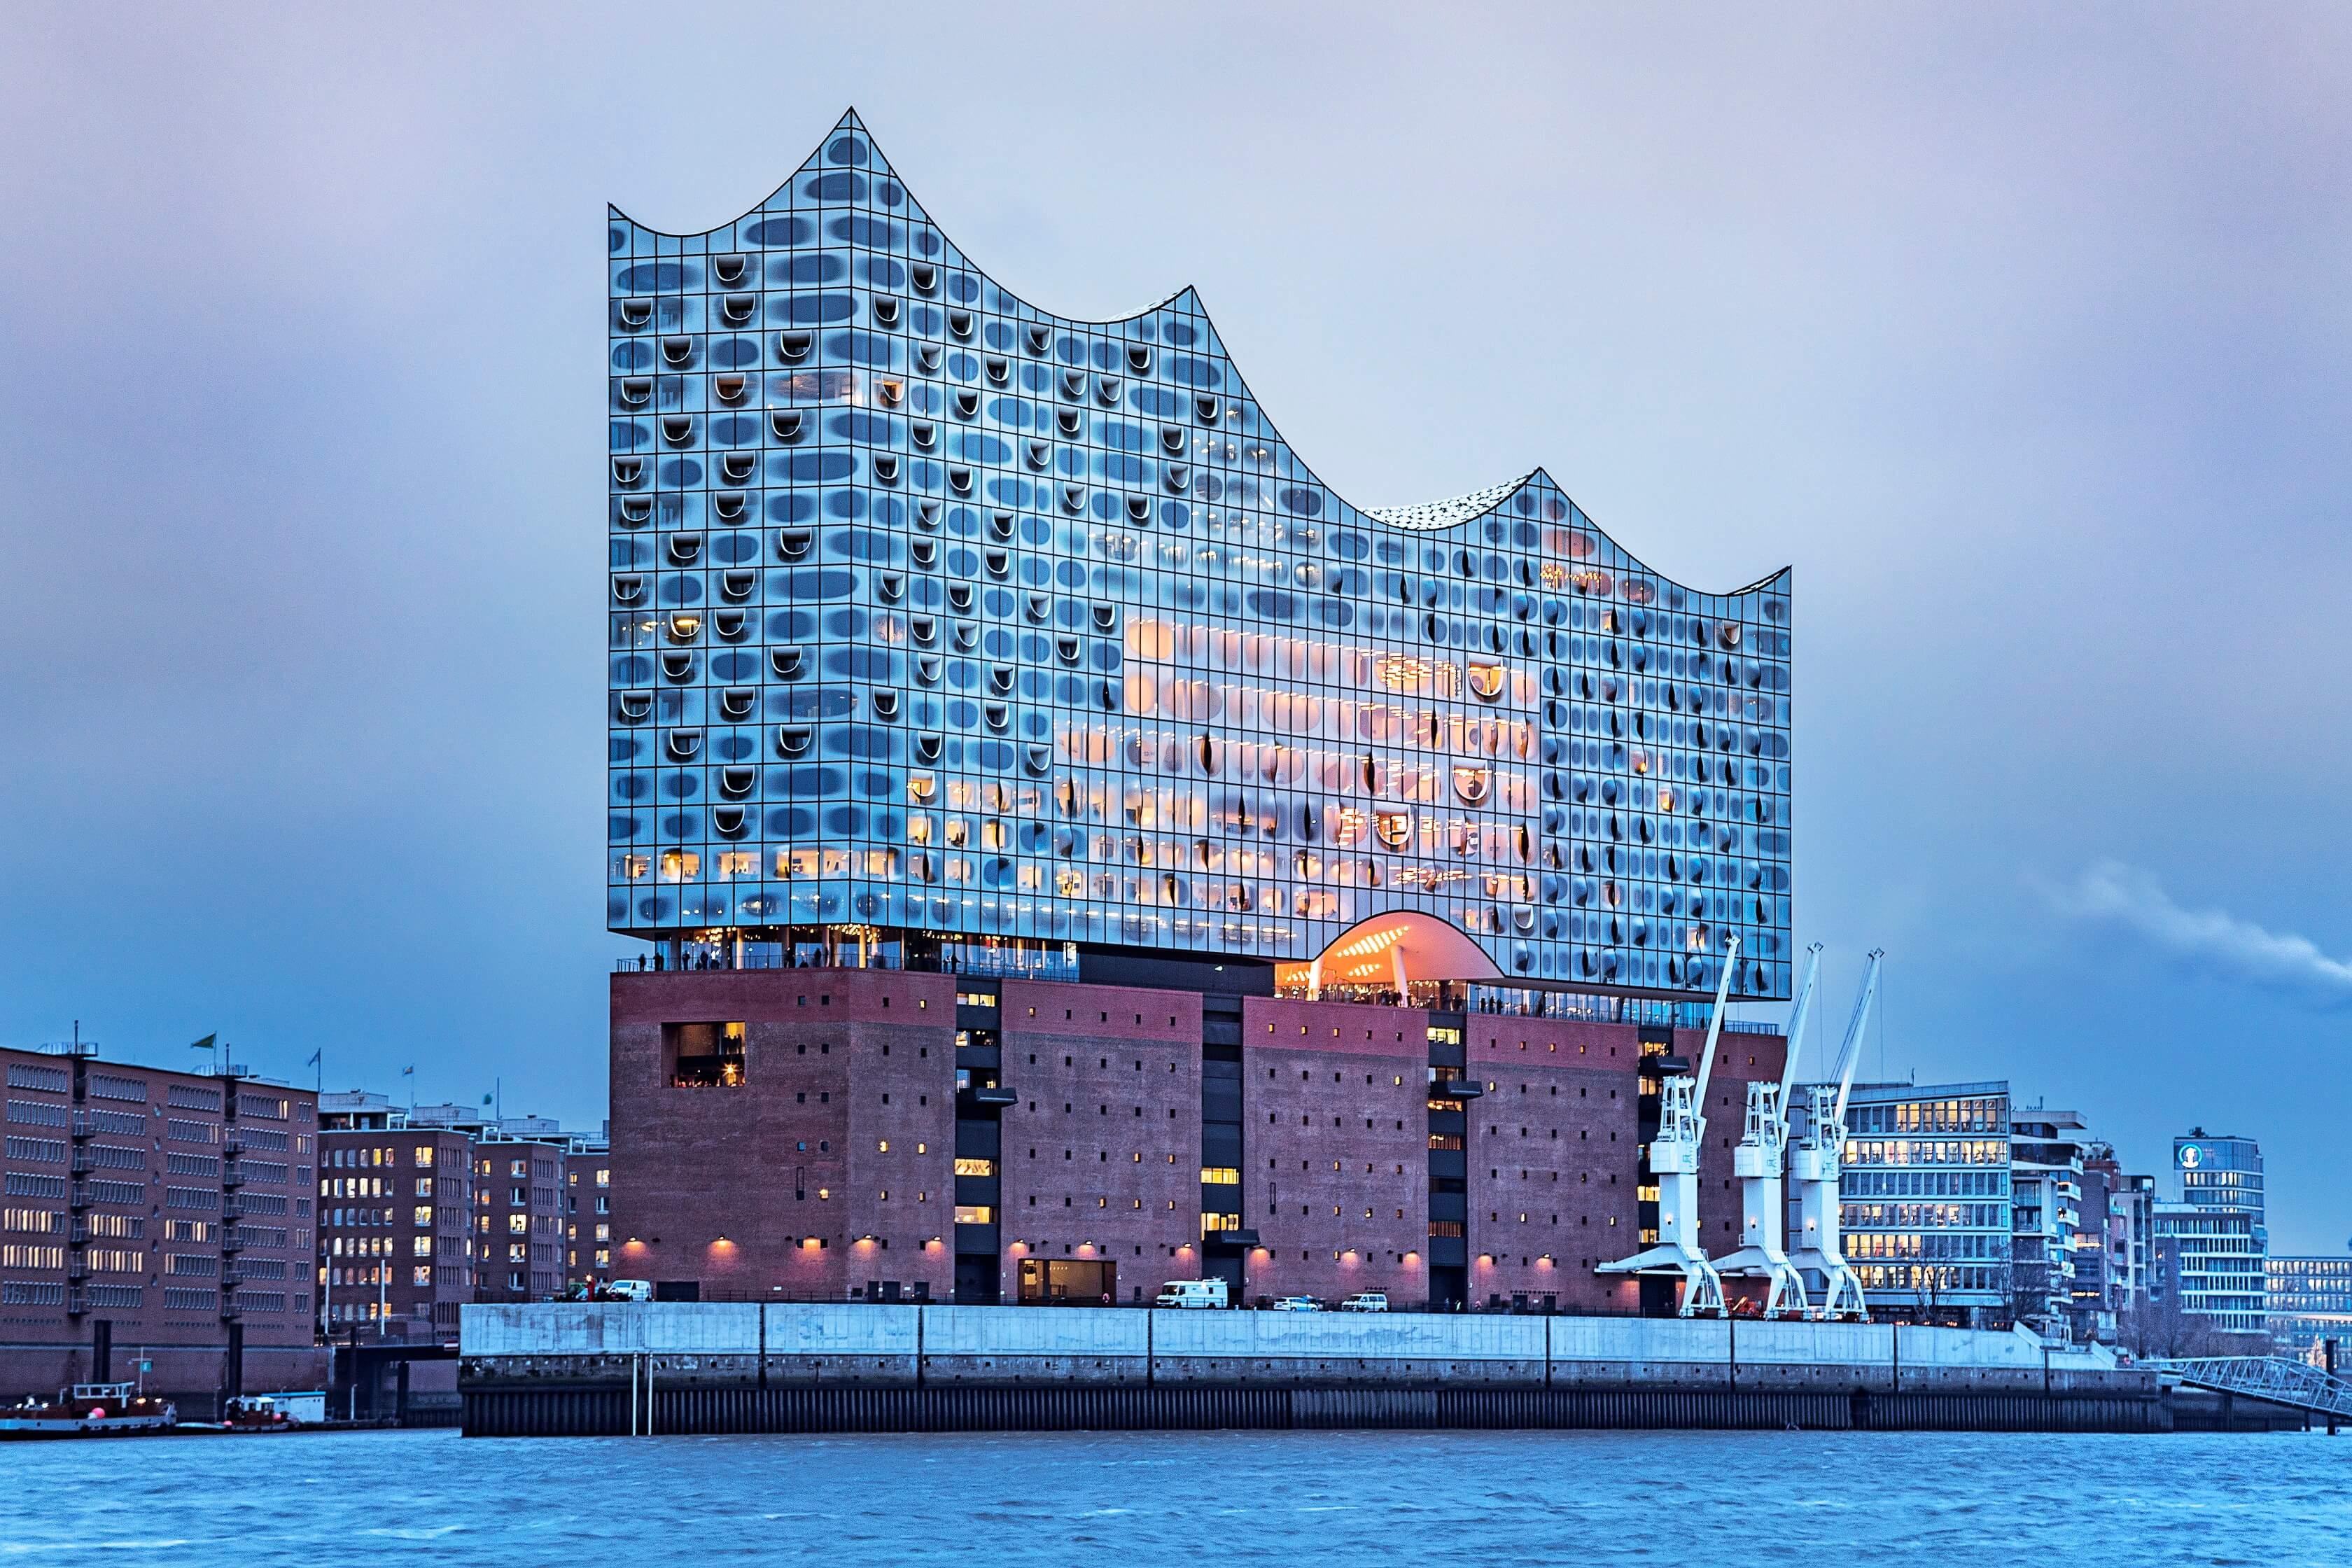 От скандального долгостроя до символа города: в Гамбурге открылась Эльбская филармония-320x180